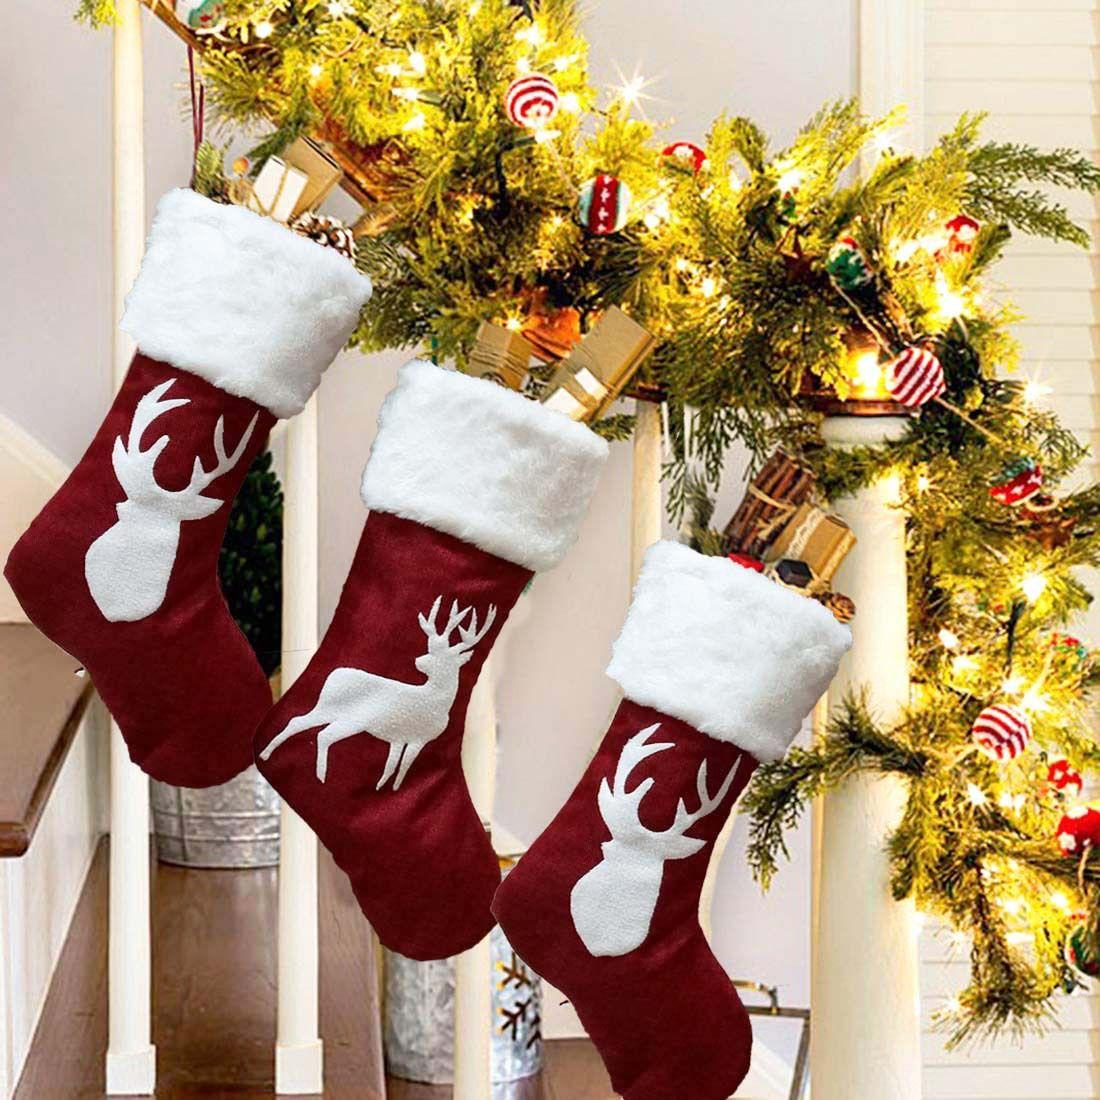 جوارب عيد الميلاد الديكور شجرة عيد الميلاد حزب حلية زينة سانتا عيد الميلاد الجورب كاندي الجوارب أكياس هدايا عيد الميلاد حقيبة DHL مجانا